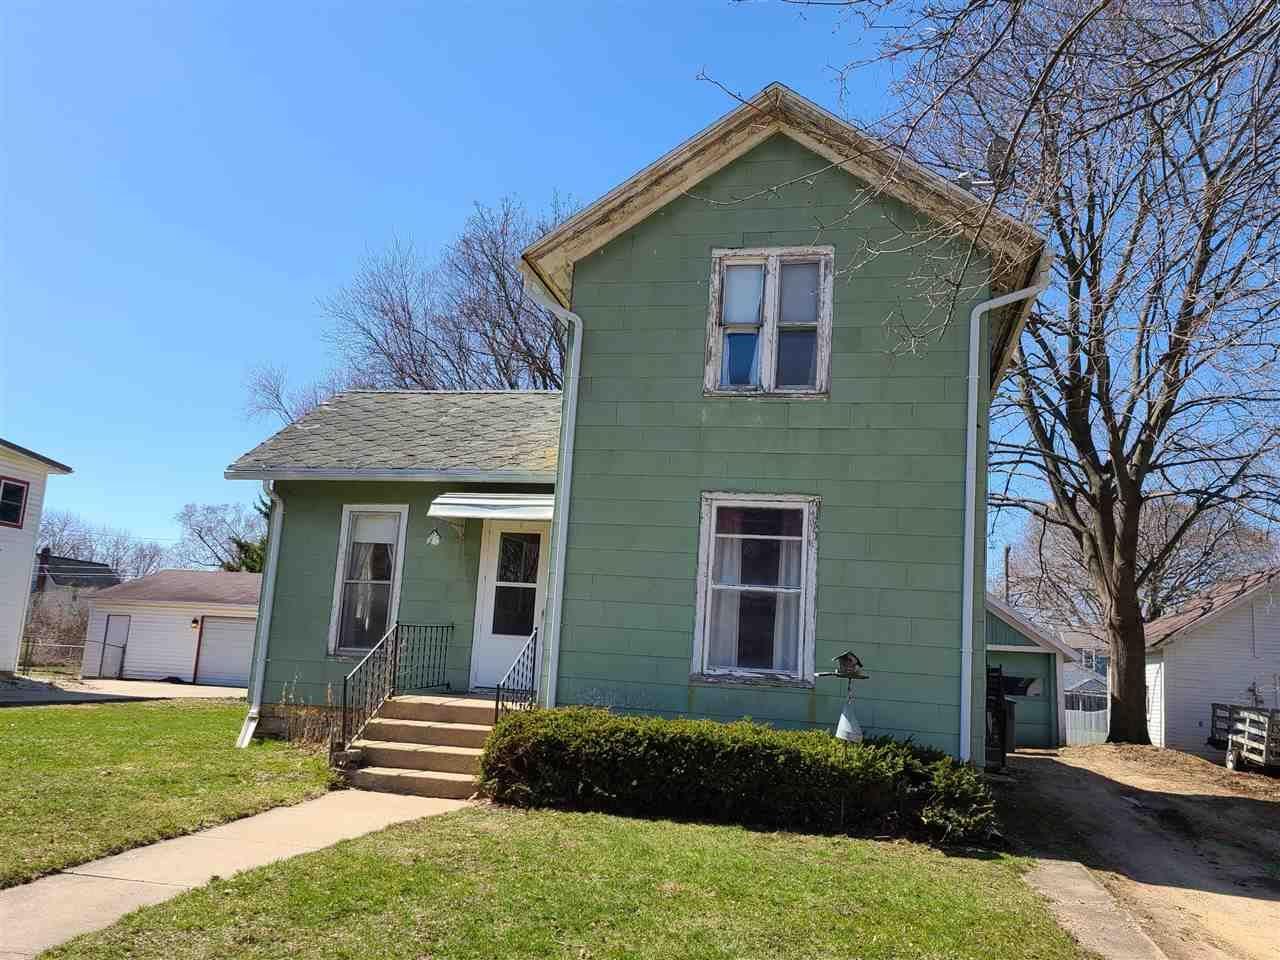 423 S 2nd St, Evansville, WI 53536 - #: 1905547